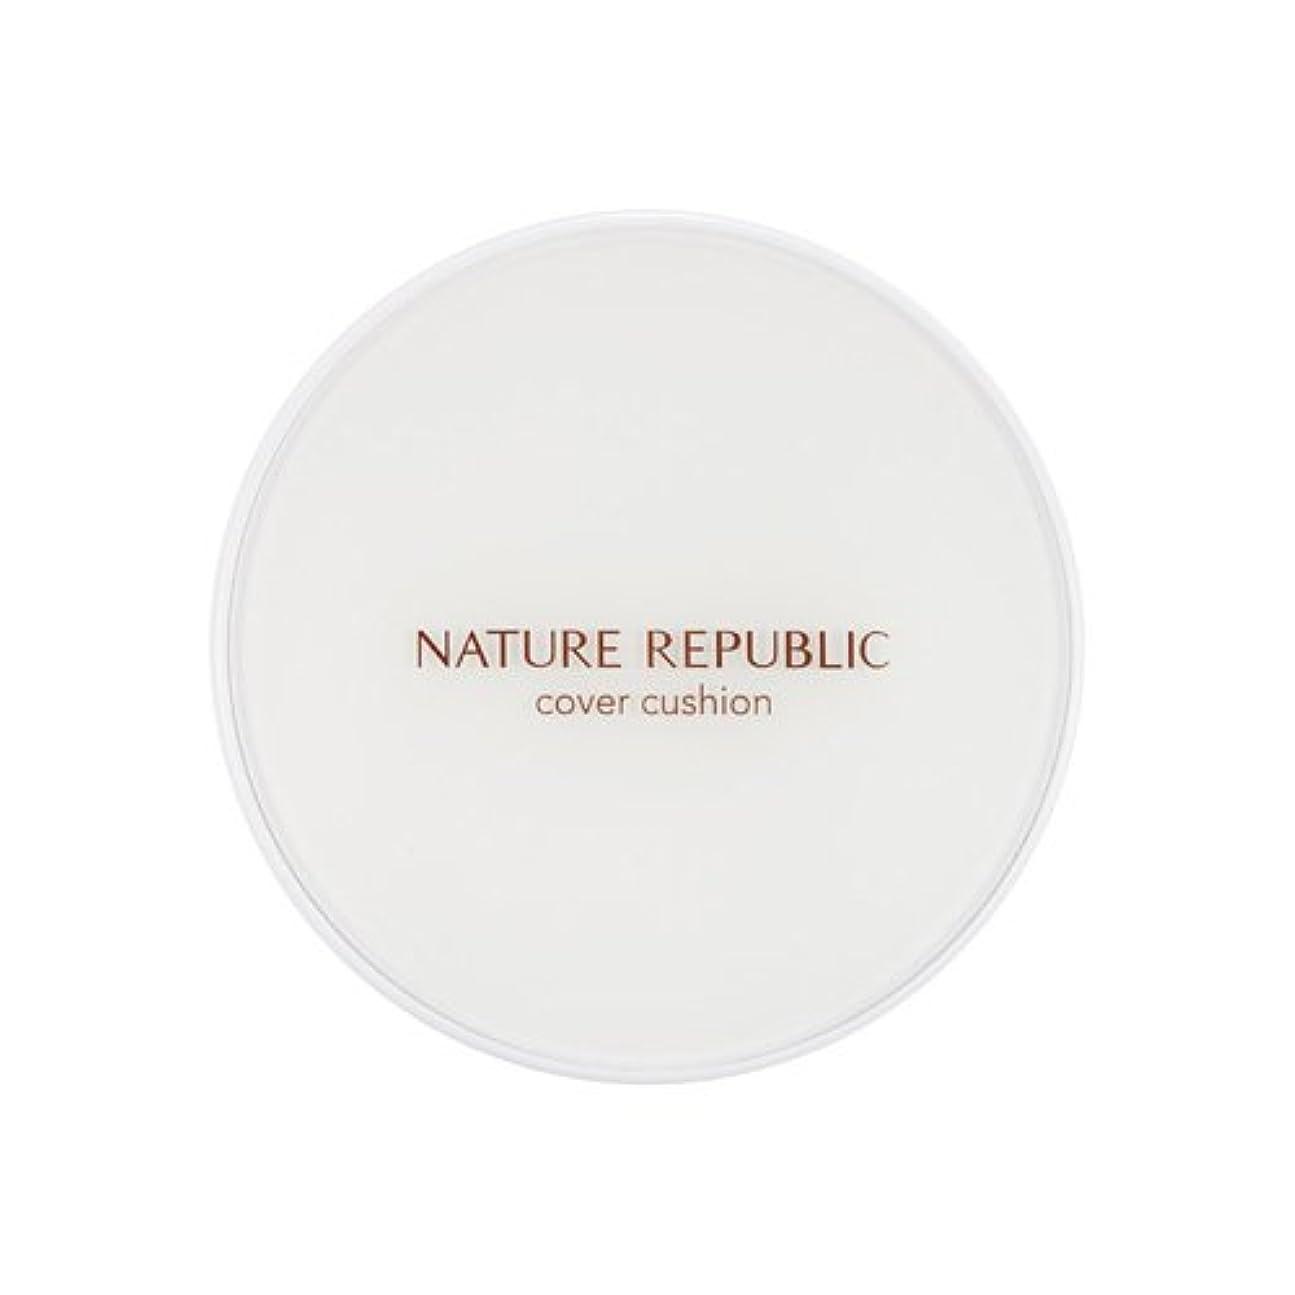 スクランブル入浴挑発する[Outlet] NATURE REPUBLIC Nature Origin Cover Cushion (01 Light beige) (SPF50+ PA+++) [並行輸入品]